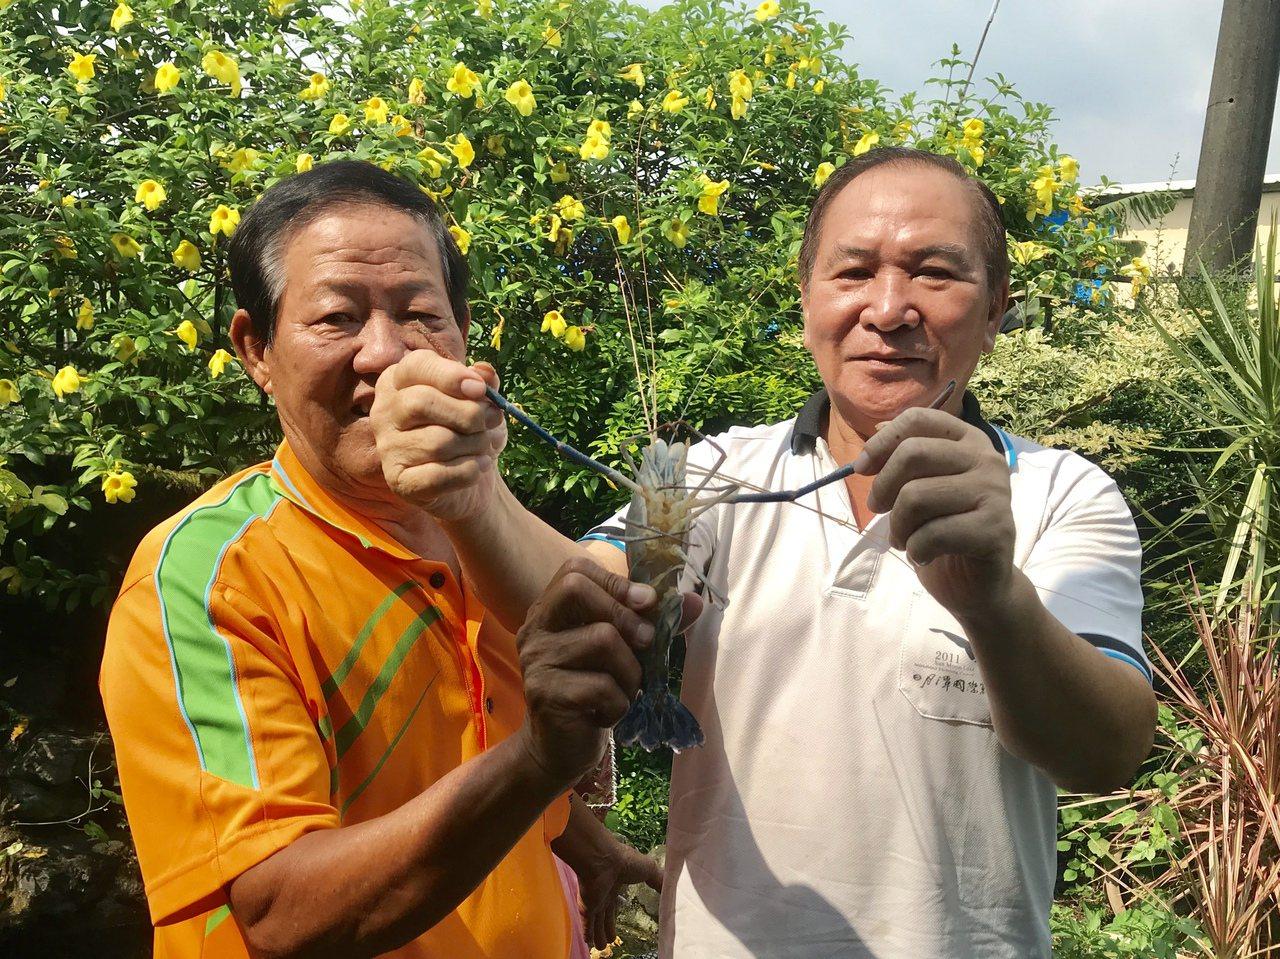 全台泰國蝦產量最多非屏東莫屬,每10隻泰國蝦就有8隻來自屏東,為將泰國蝦塑造成潮...